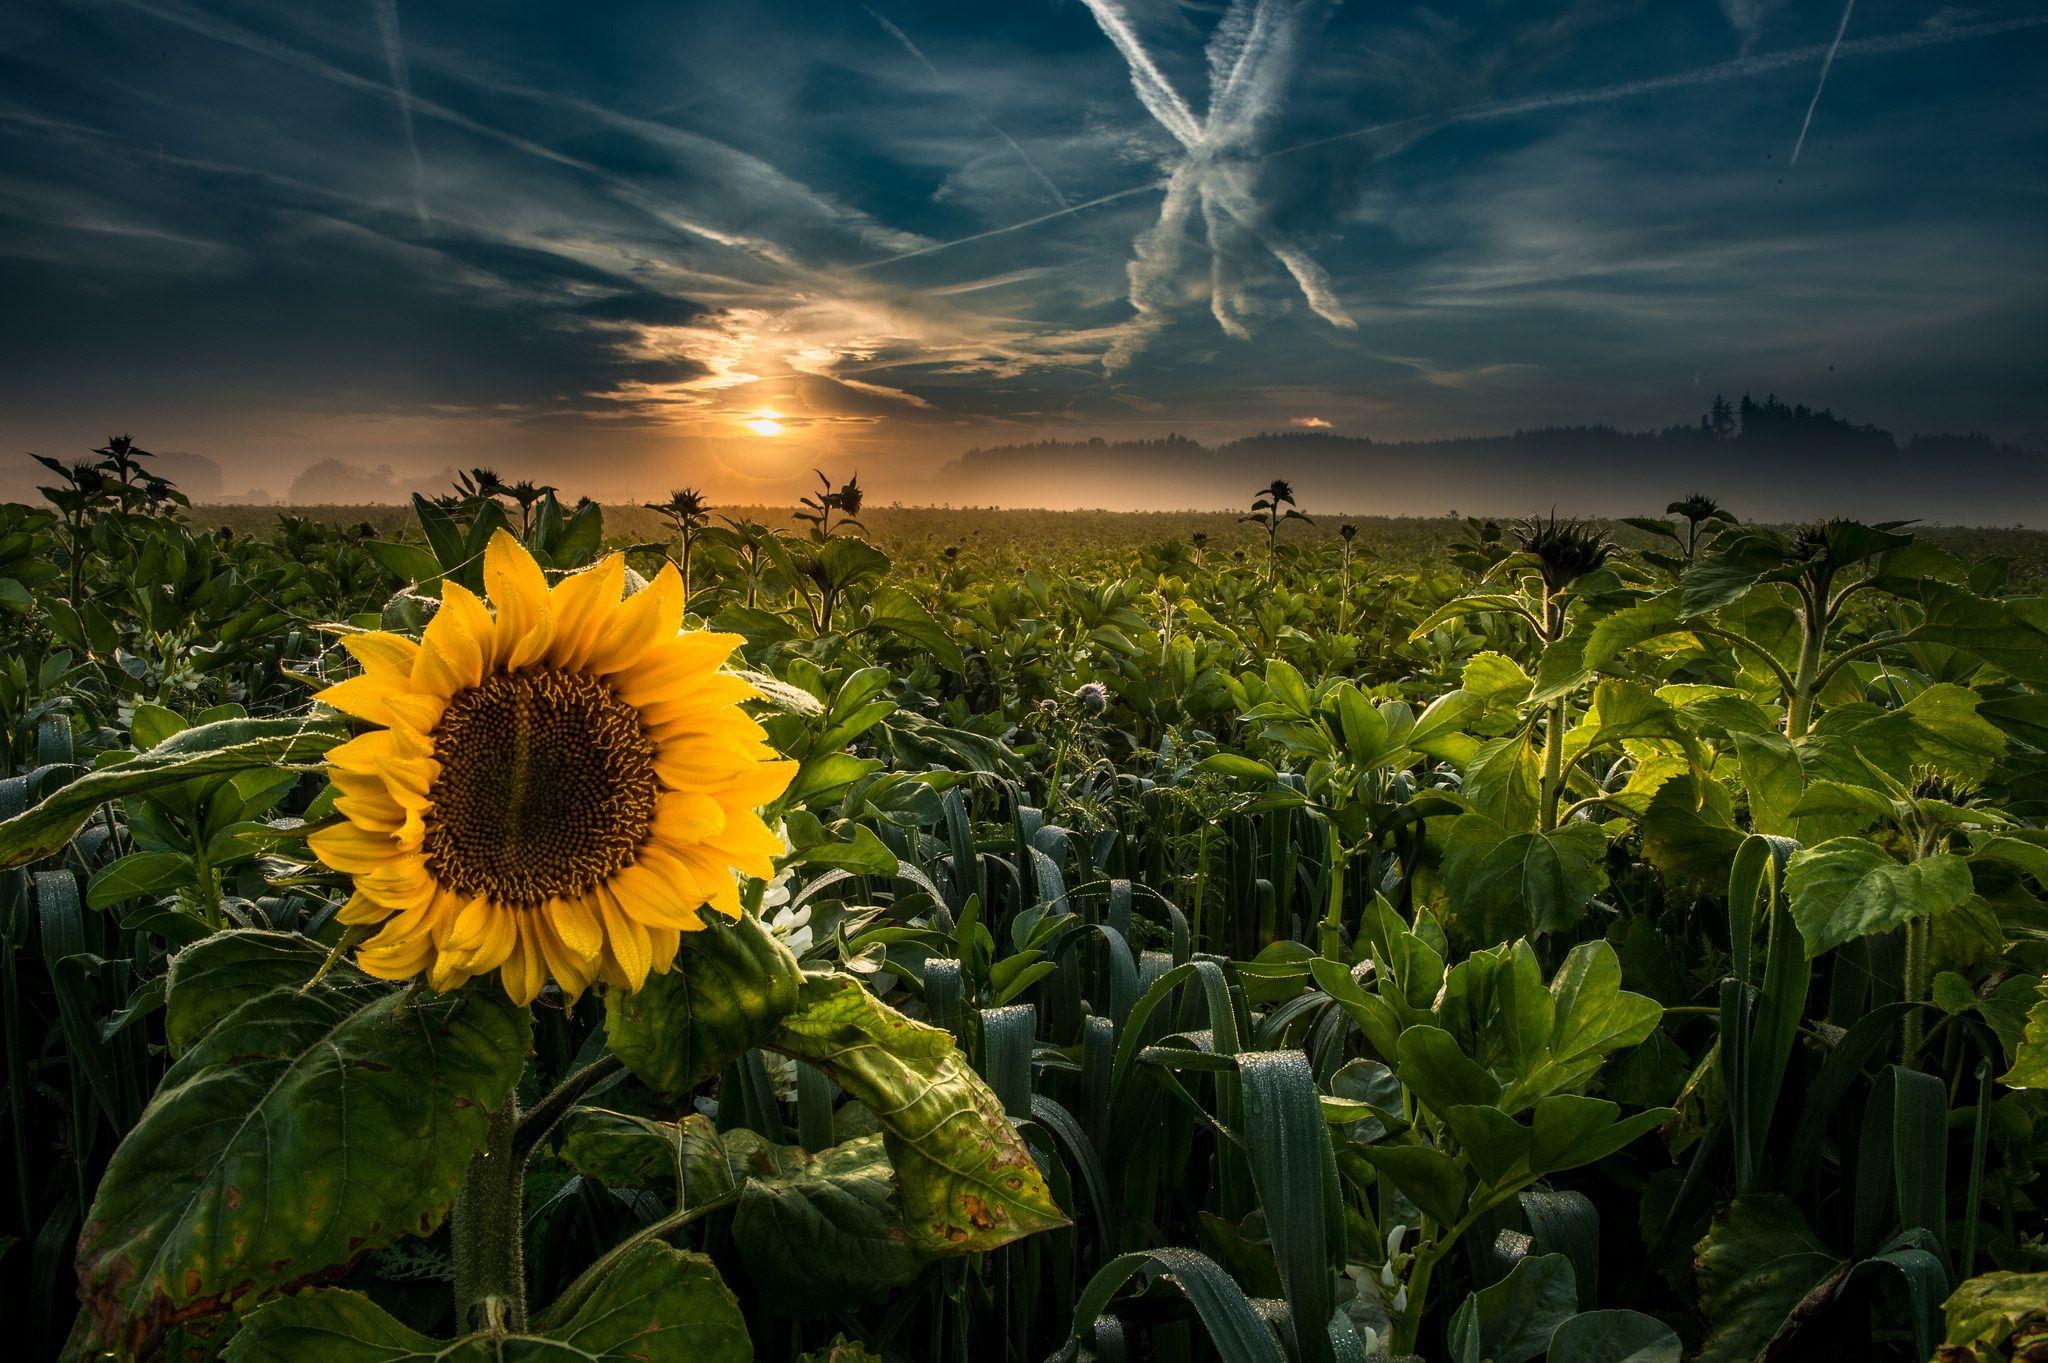 Sunflower Wallpaper 41 - 2048x1363